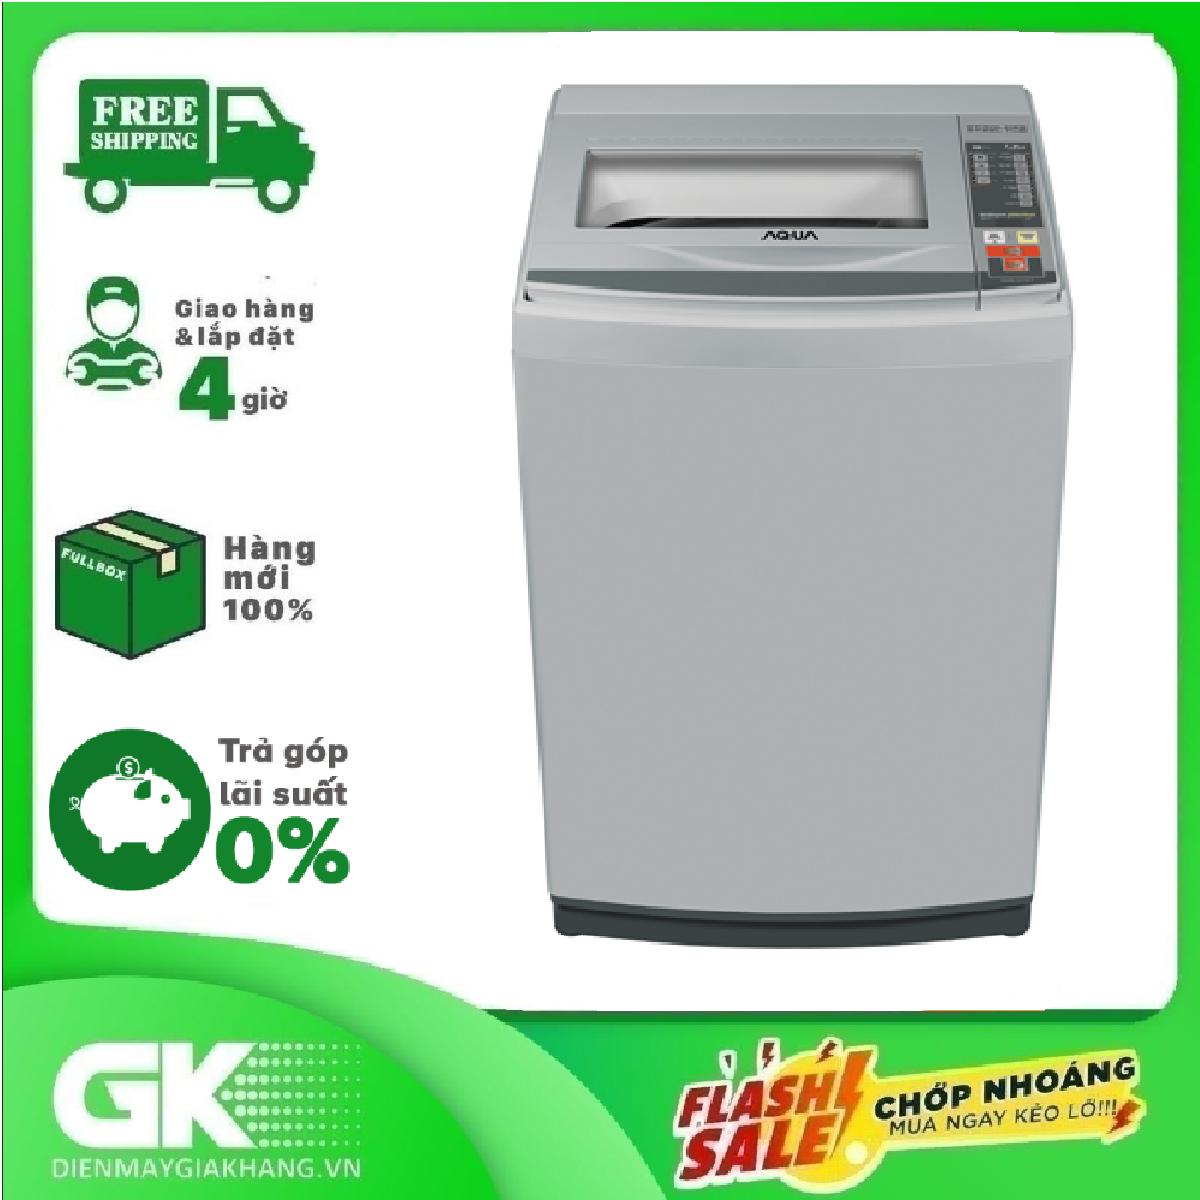 [GIAO HÀNG 2 – 15 NGÀY, TRỄ NHẤT 30.08] TRẢ GÓP 0% – Máy giặt AQUA AQW-S72CT 7.2kg